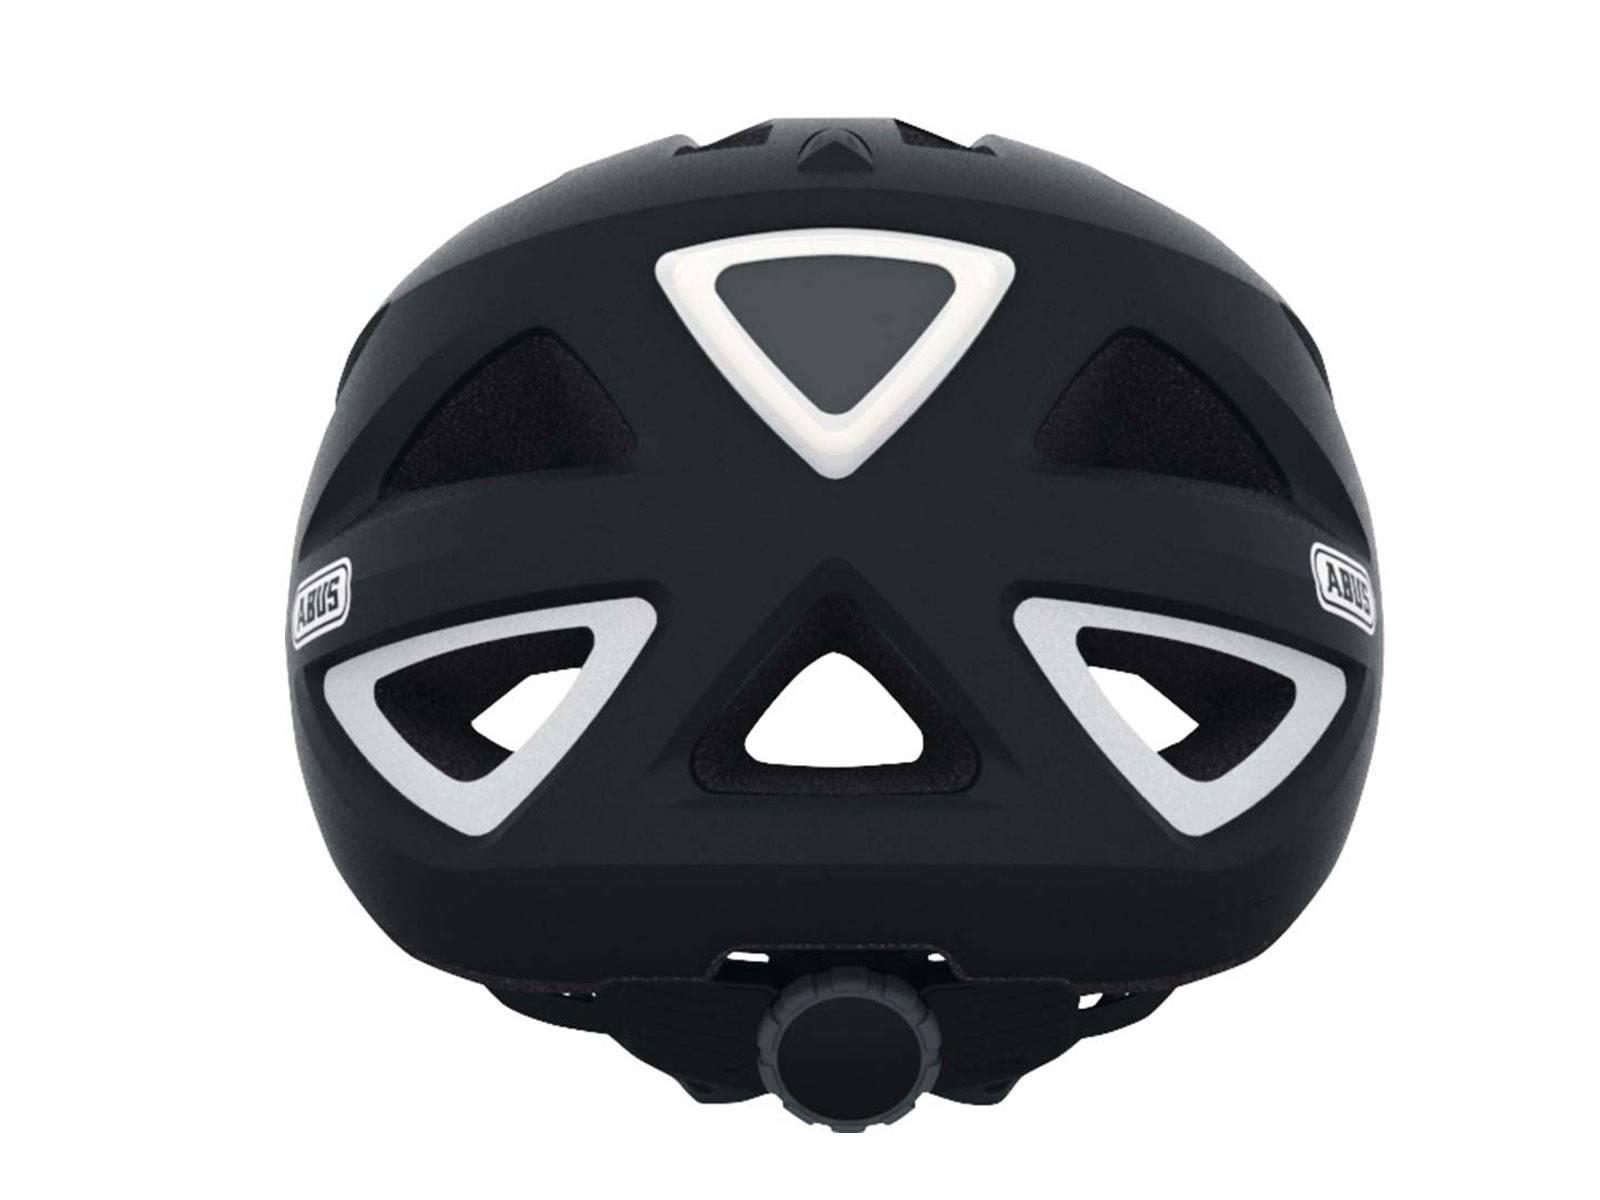 Urban-I v 2 velvet blackXL= 61-65cm